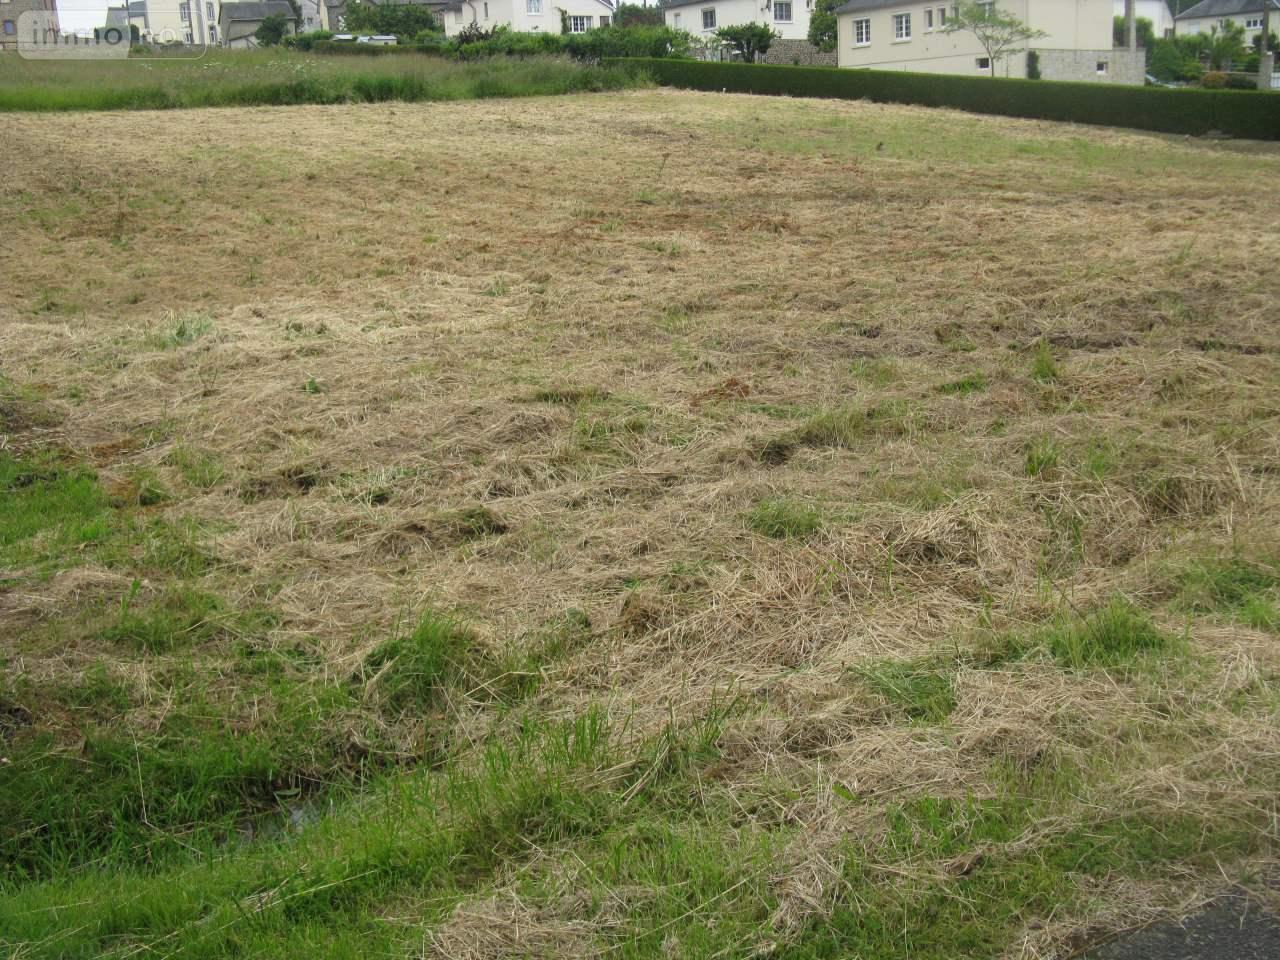 Terrain a batir a vendre Ambrières-les-Vallées 53300 Mayenne 1970 m2  47700 euros